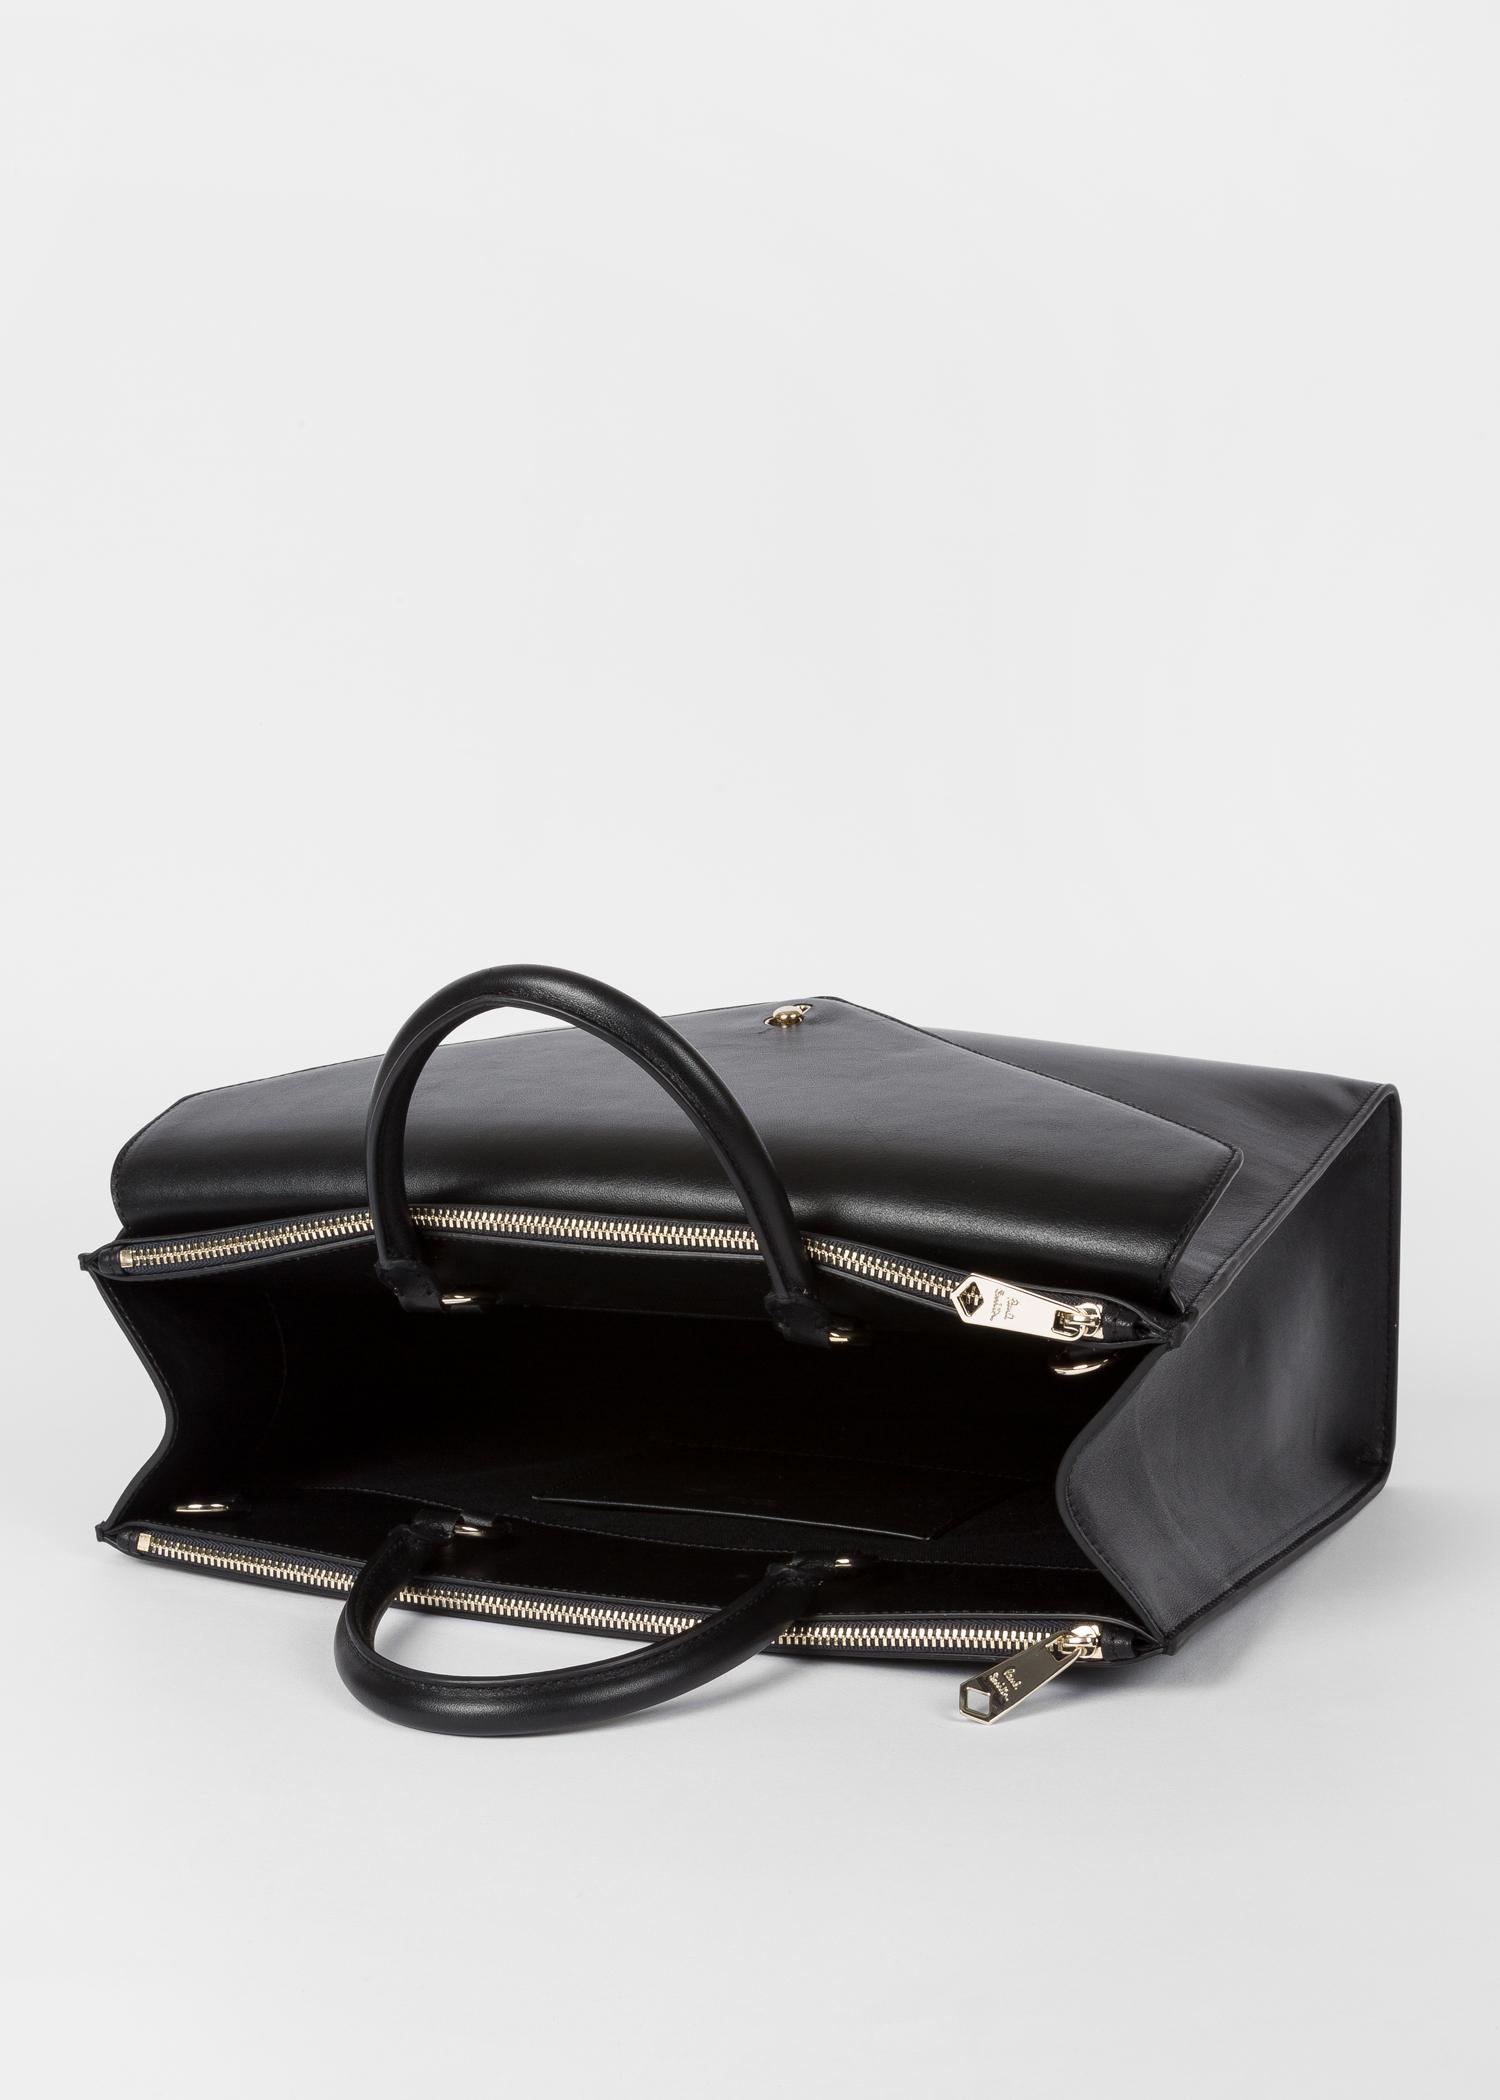 40ad34e2b8 Vue du sac ouvert - Sac Cabas Femme Noir Enveloppe En Cuir Paul Smith